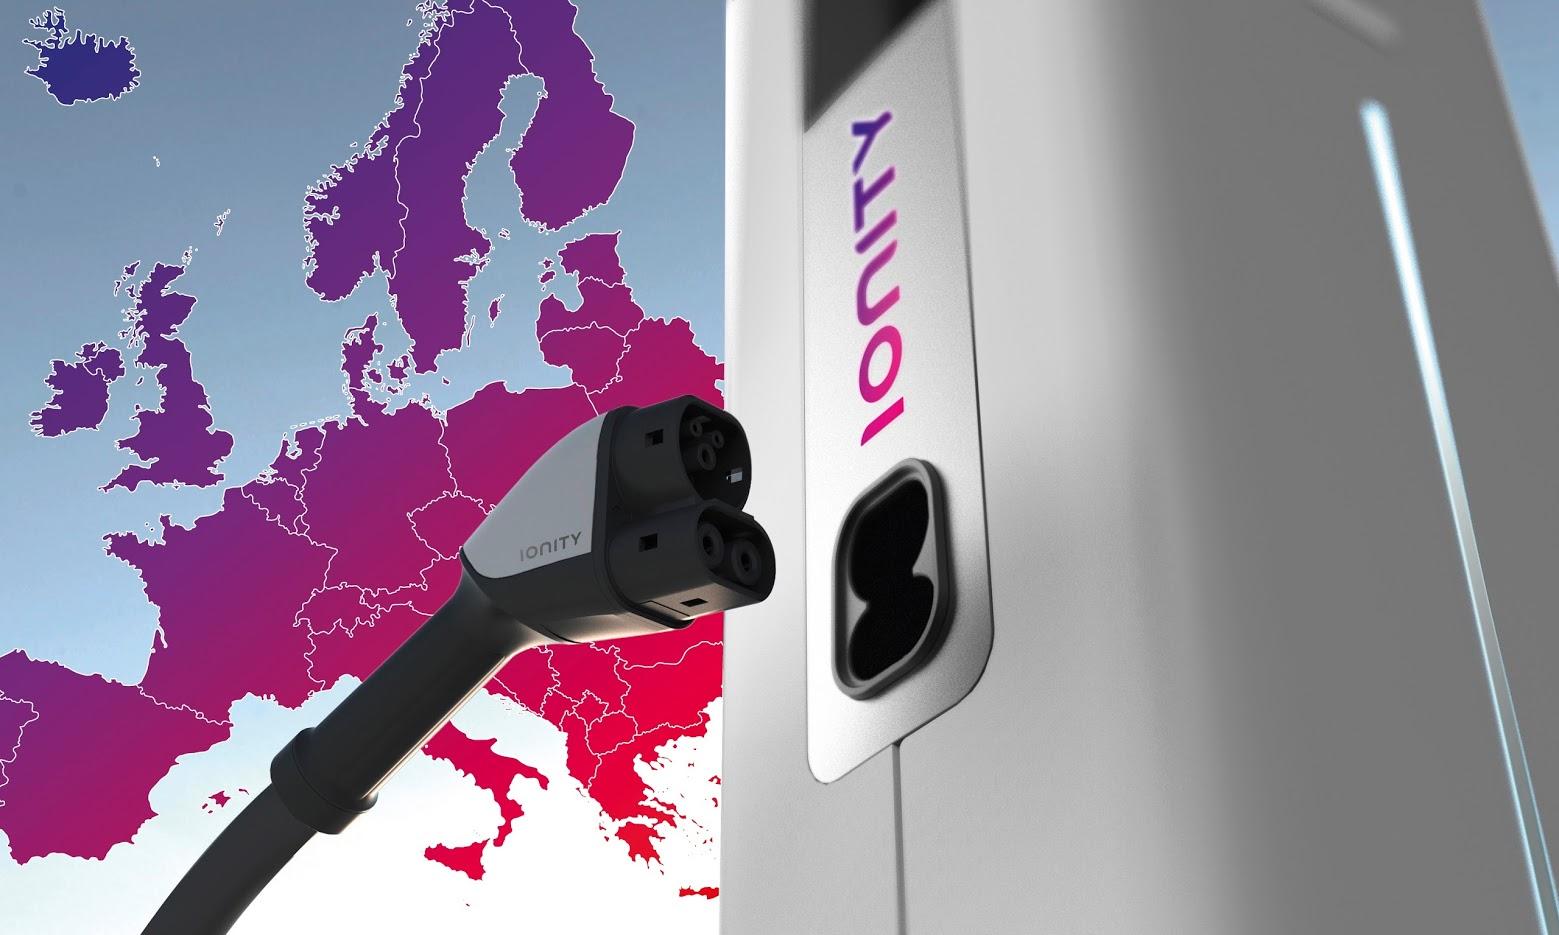 IONITY - panevropská síť rychlodobíjecích stanic